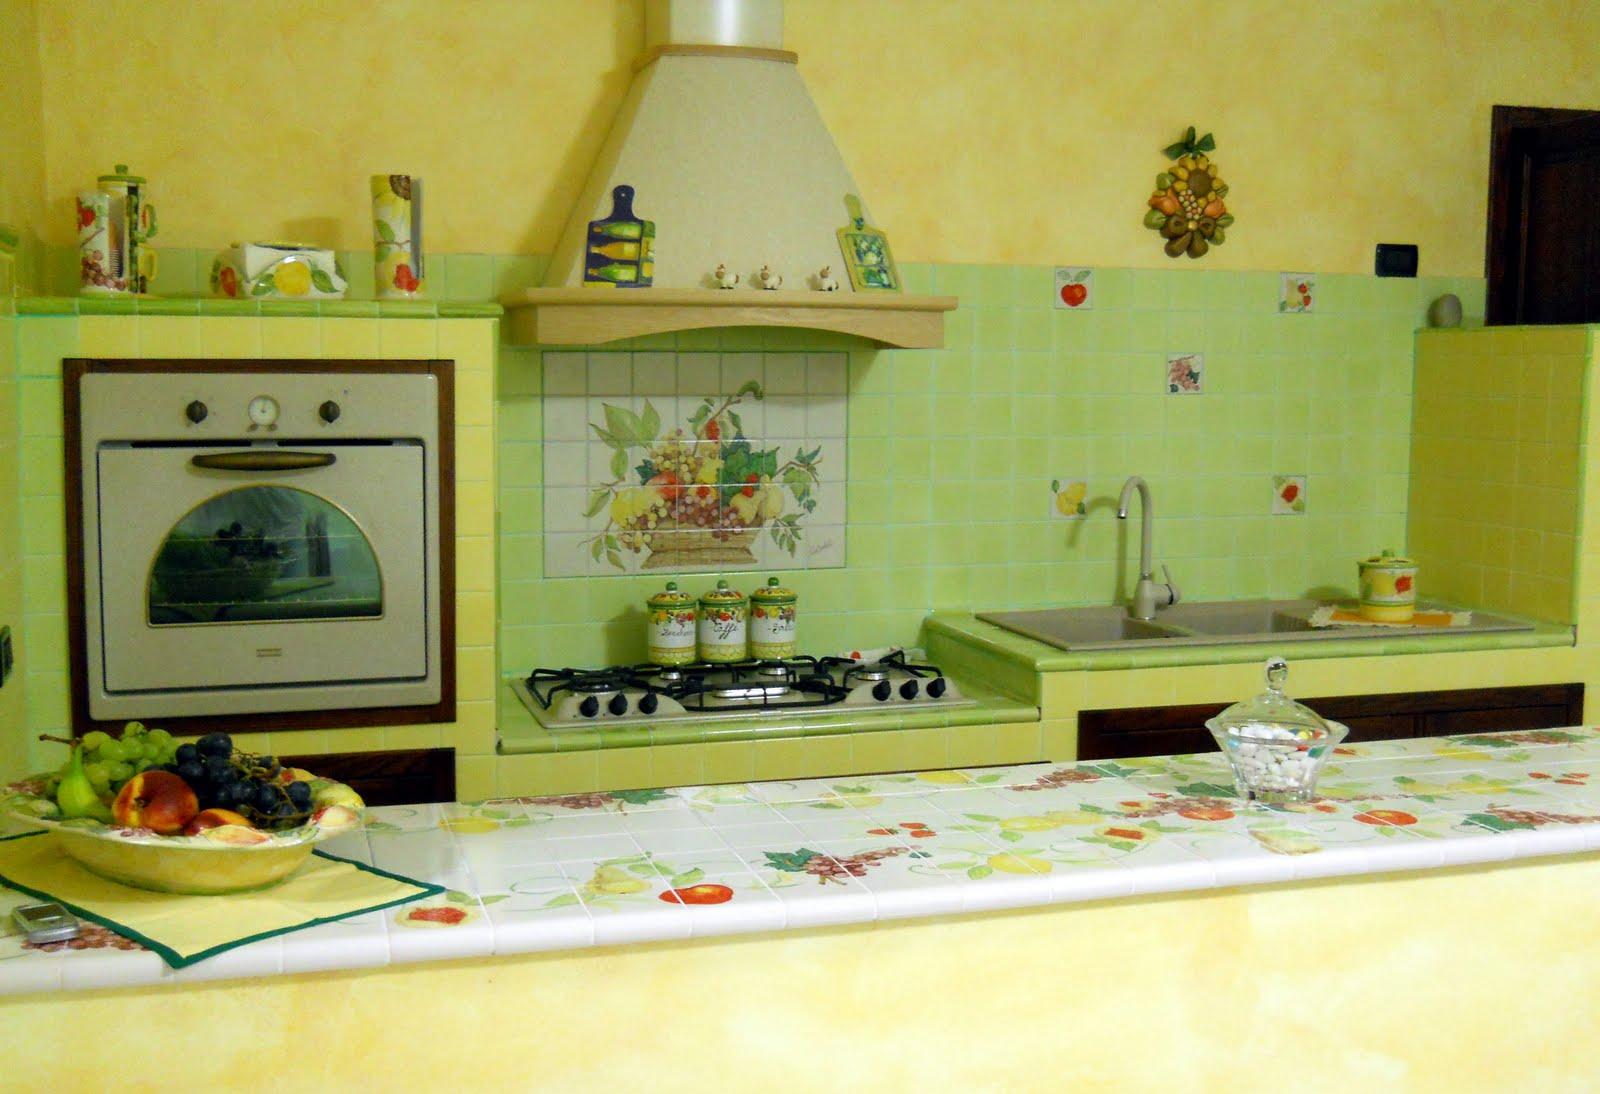 Piastrelle cucina verdi vico condotti settembre with - Piastrelle vietri cucina ...